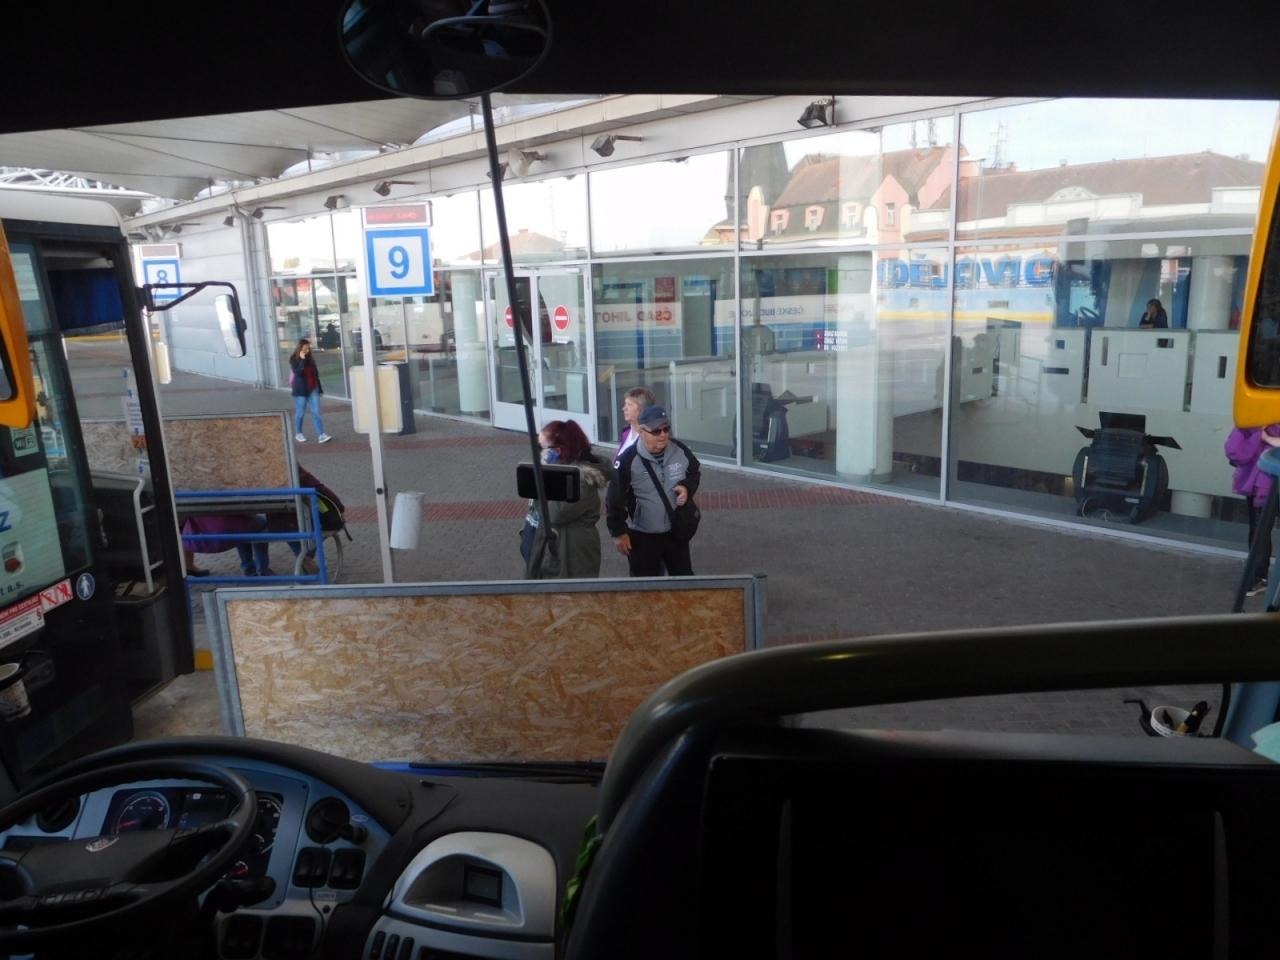 チェスケー・ブジェヨヴィツェのバスターミナルを13:40に出発。プラハには2時間余り15:55着の予定。この日のうちにプラハ城のチケットを手に入れたい。